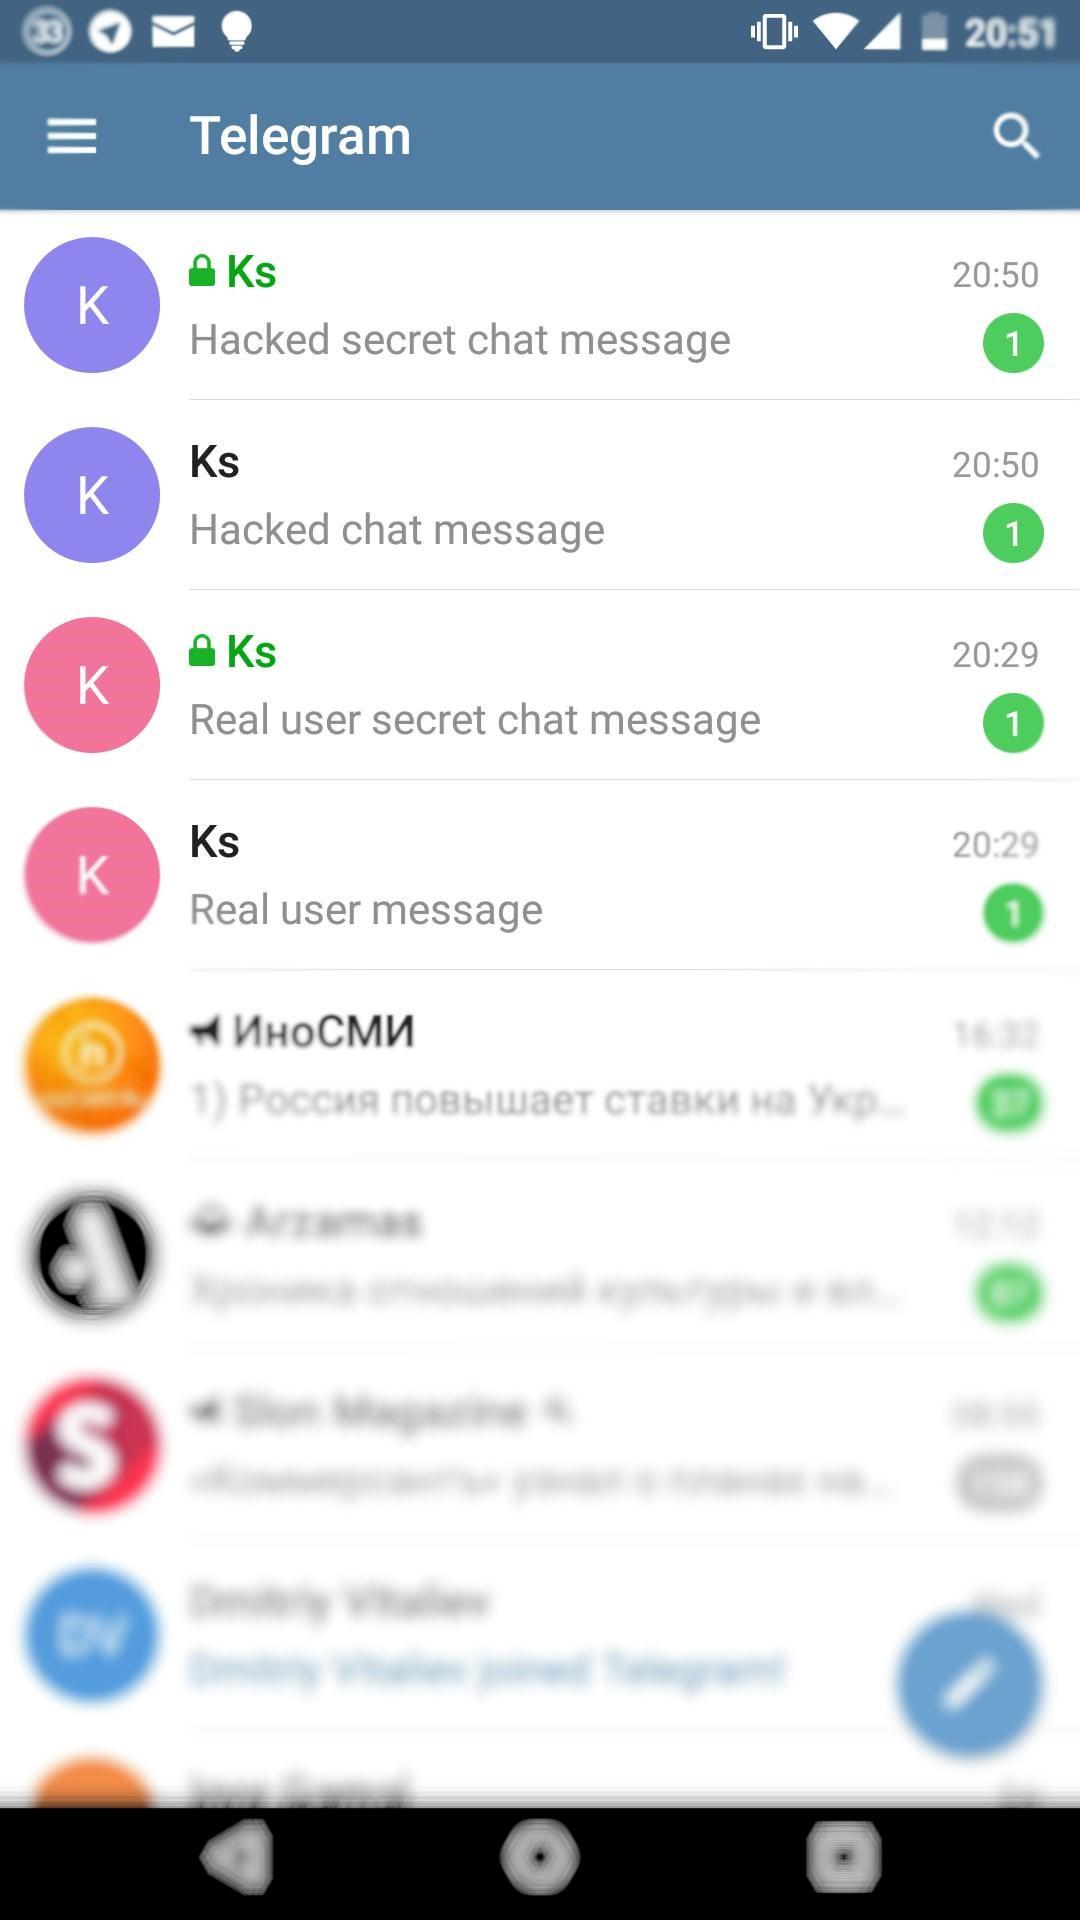 Двухфакторная авторизация в Telegram всё ещё/снова не работает